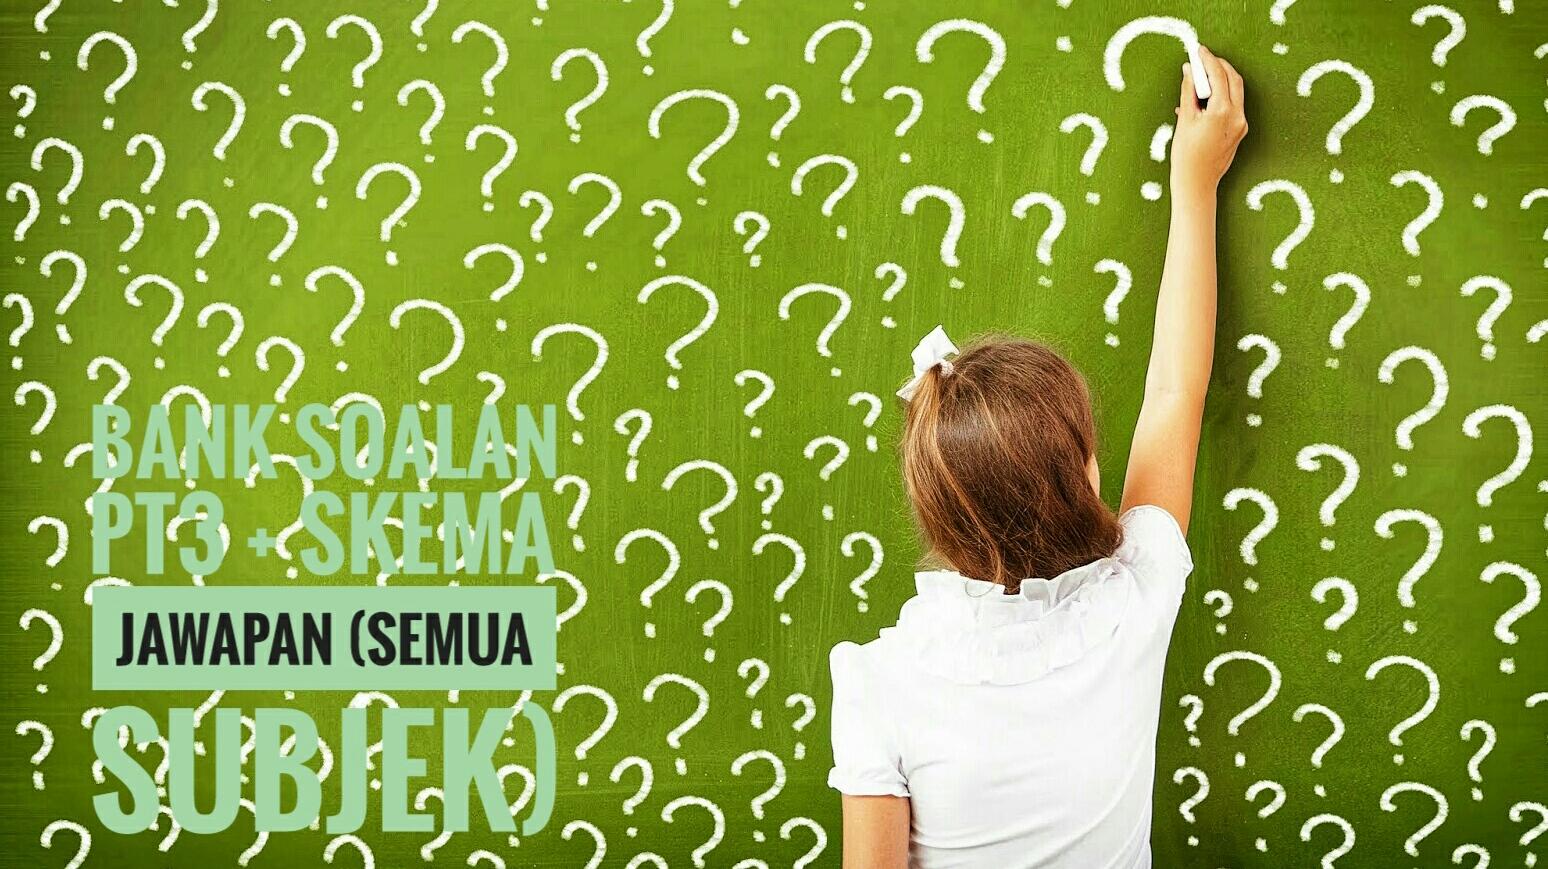 Bank Soalan PT3 + Skema Jawapan (Semua Subjek)